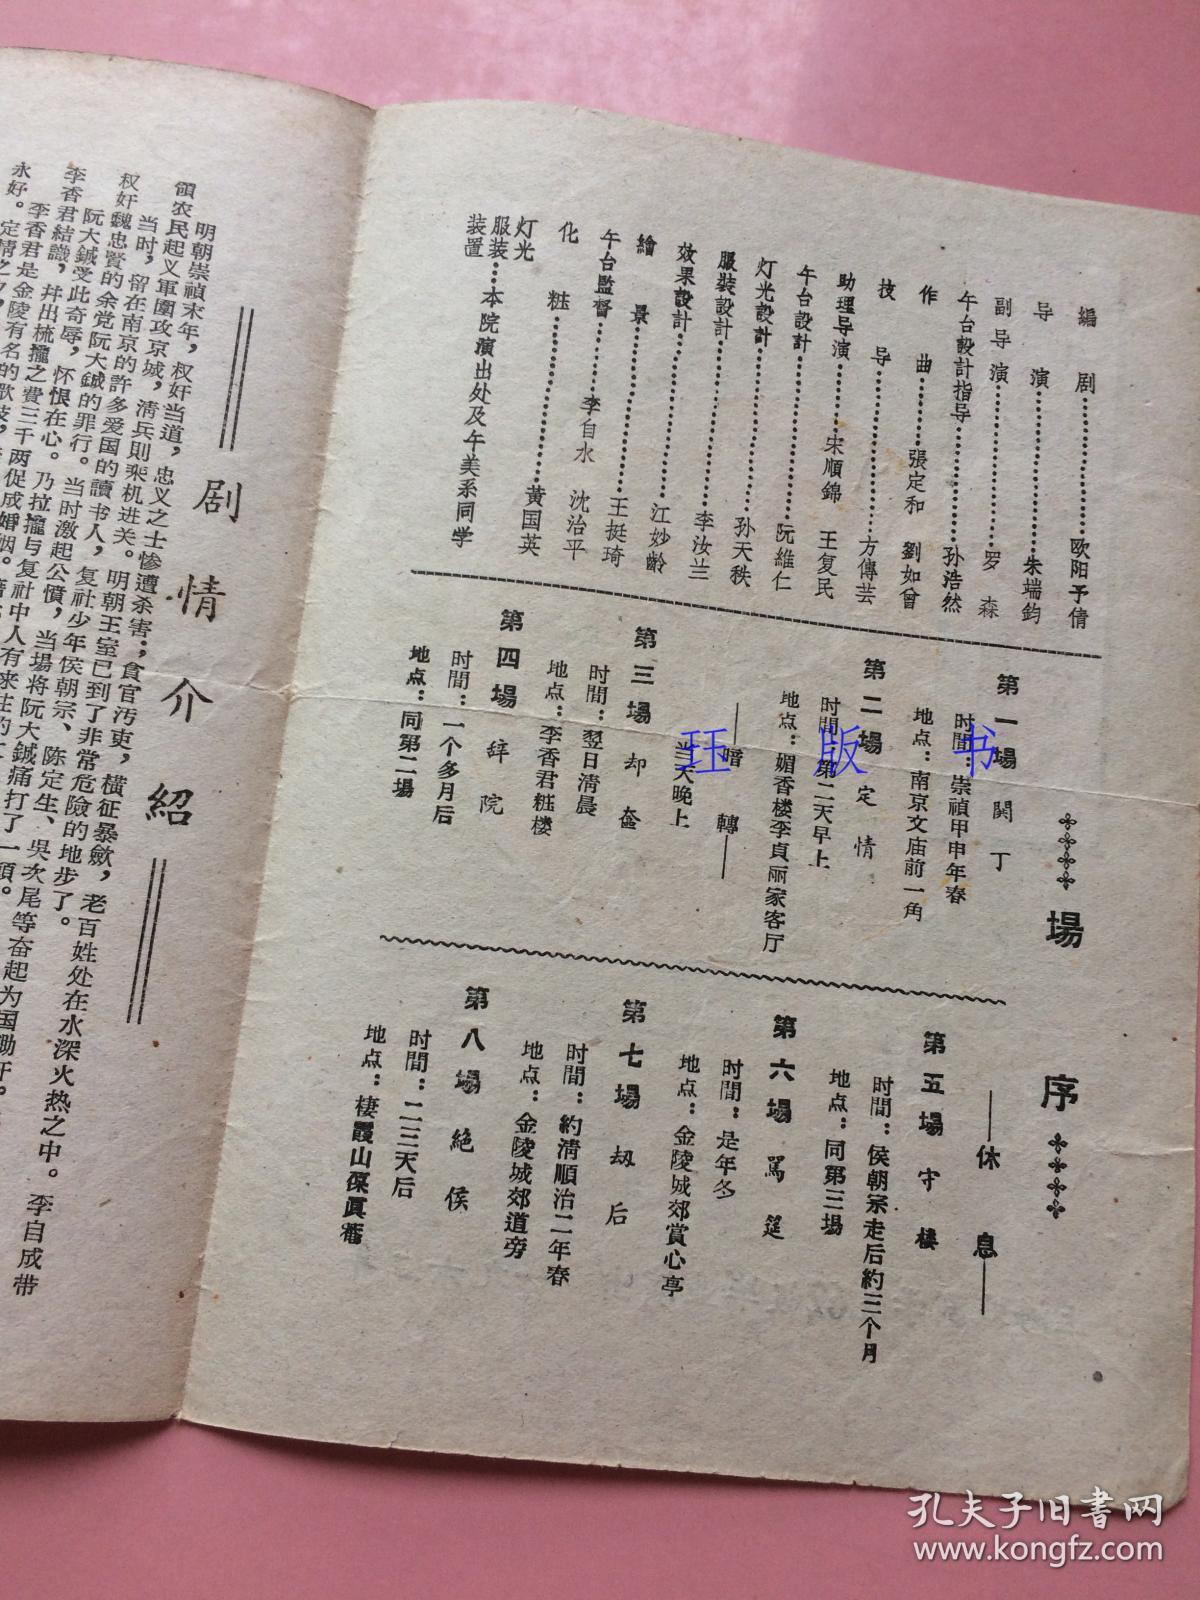 书法 书法作品 1200_1600 竖版 竖屏图片